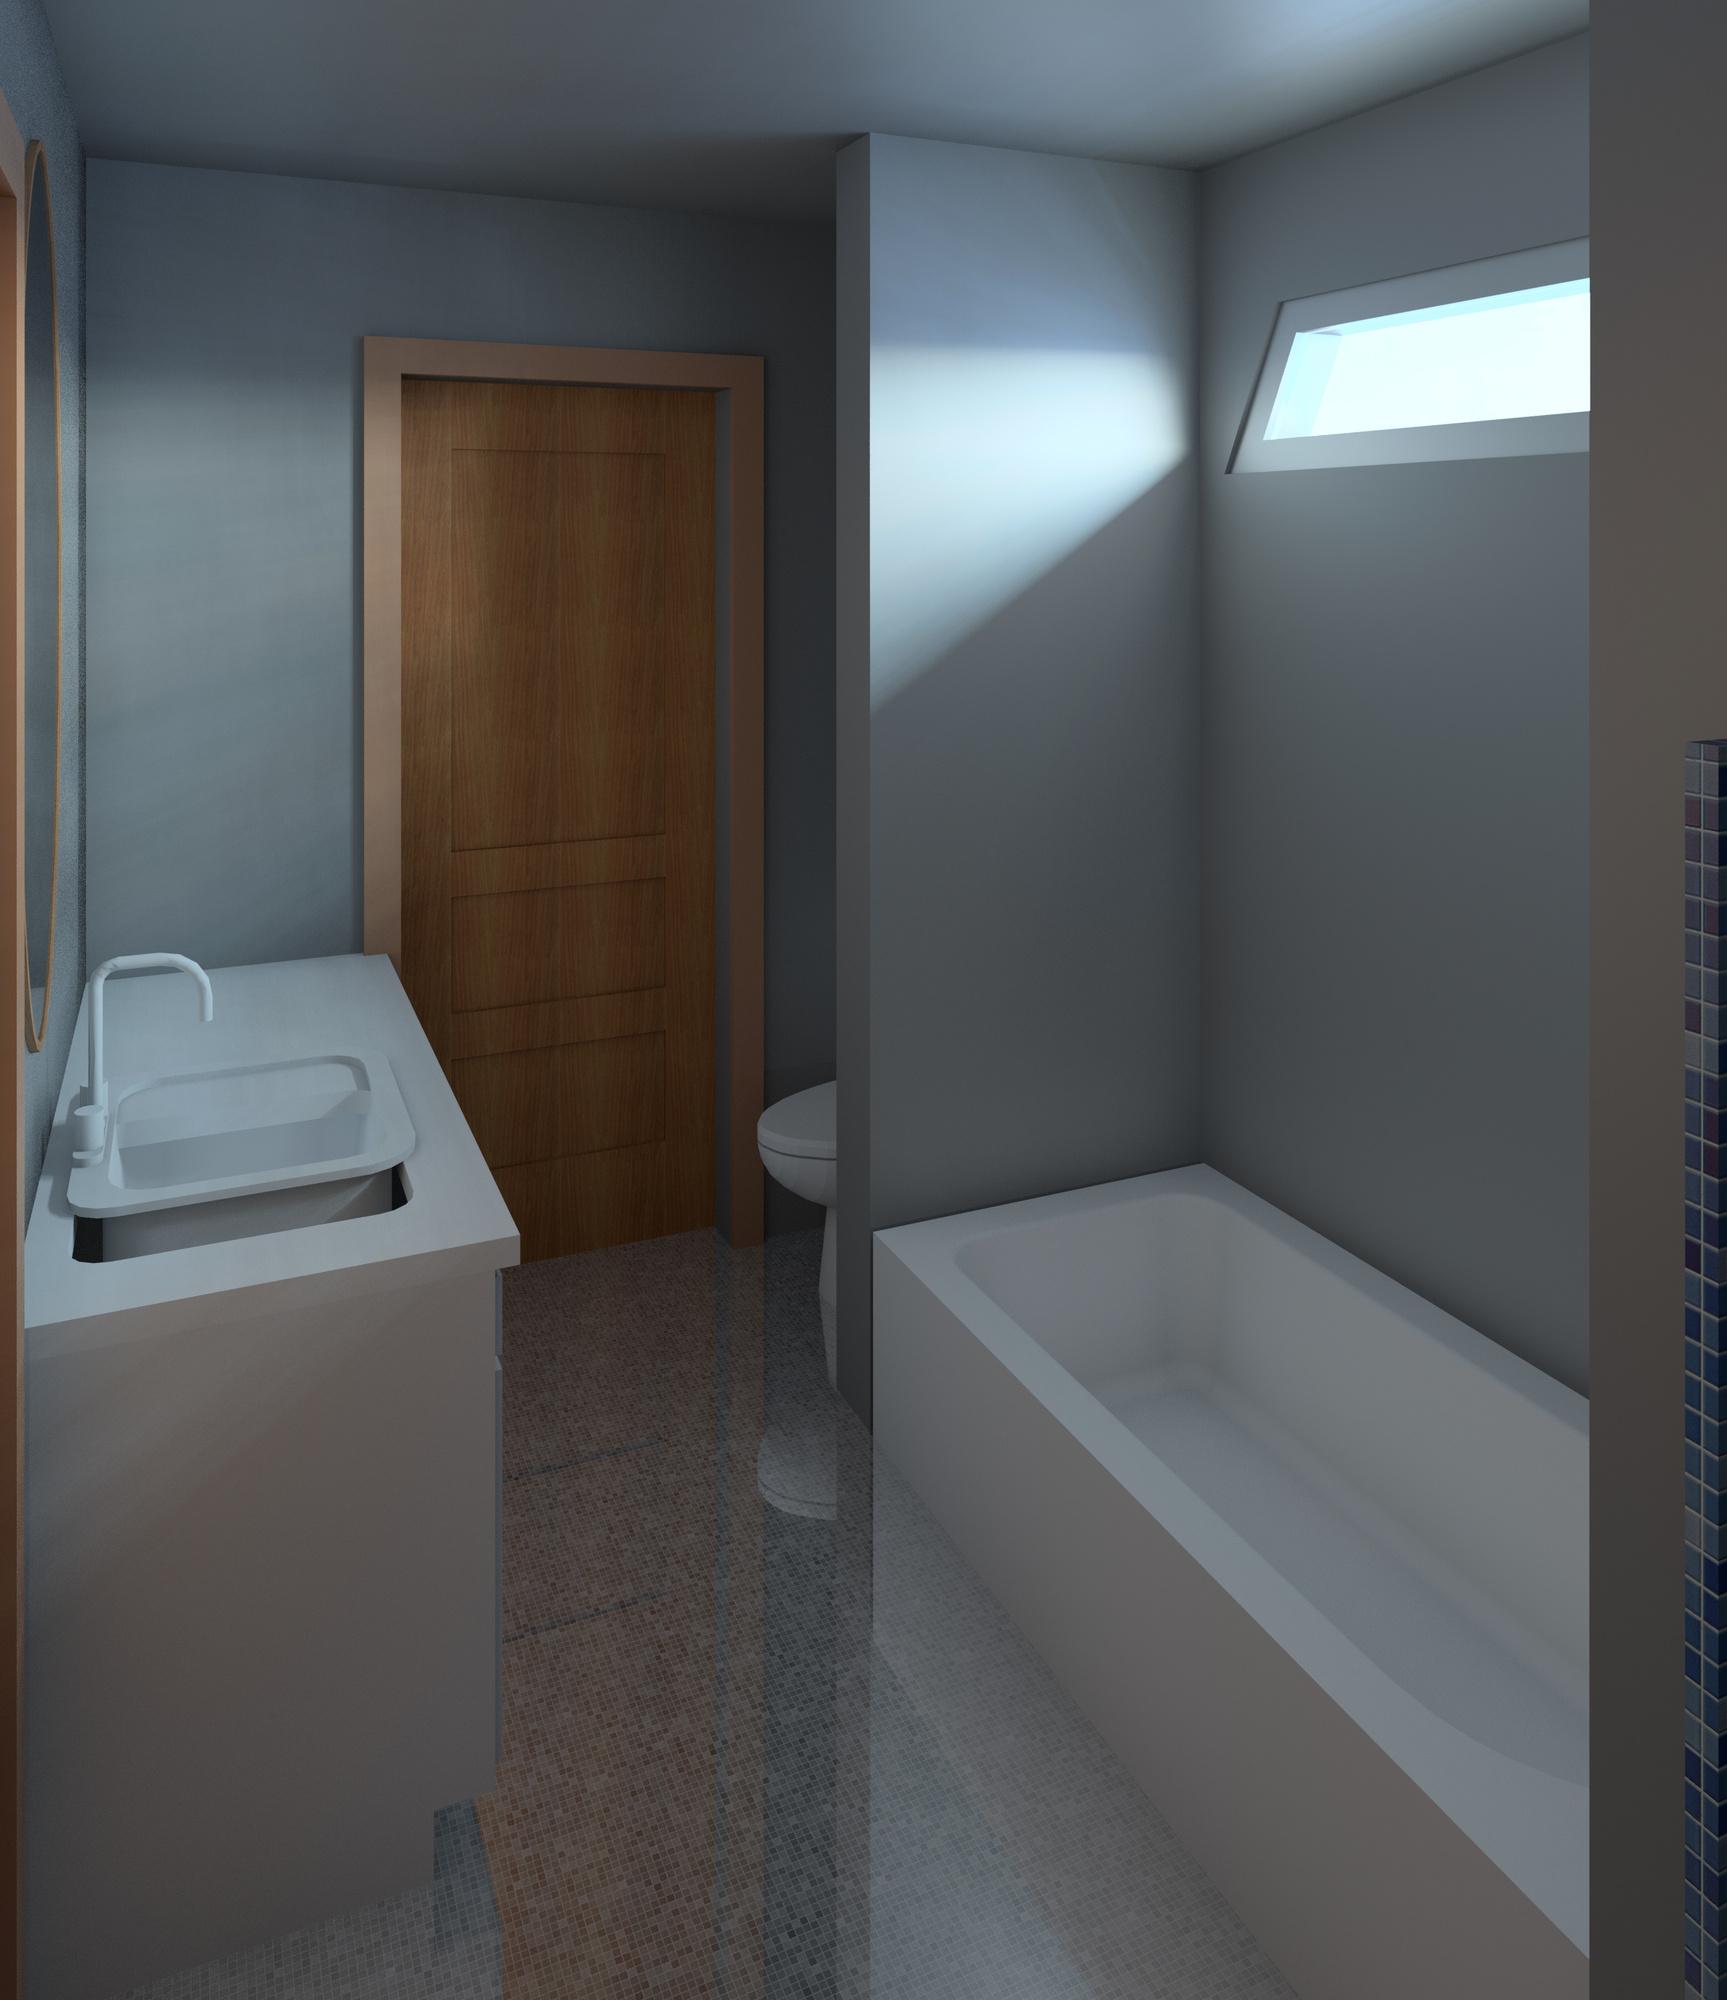 Raas-rendering20150111-9189-1eo981b